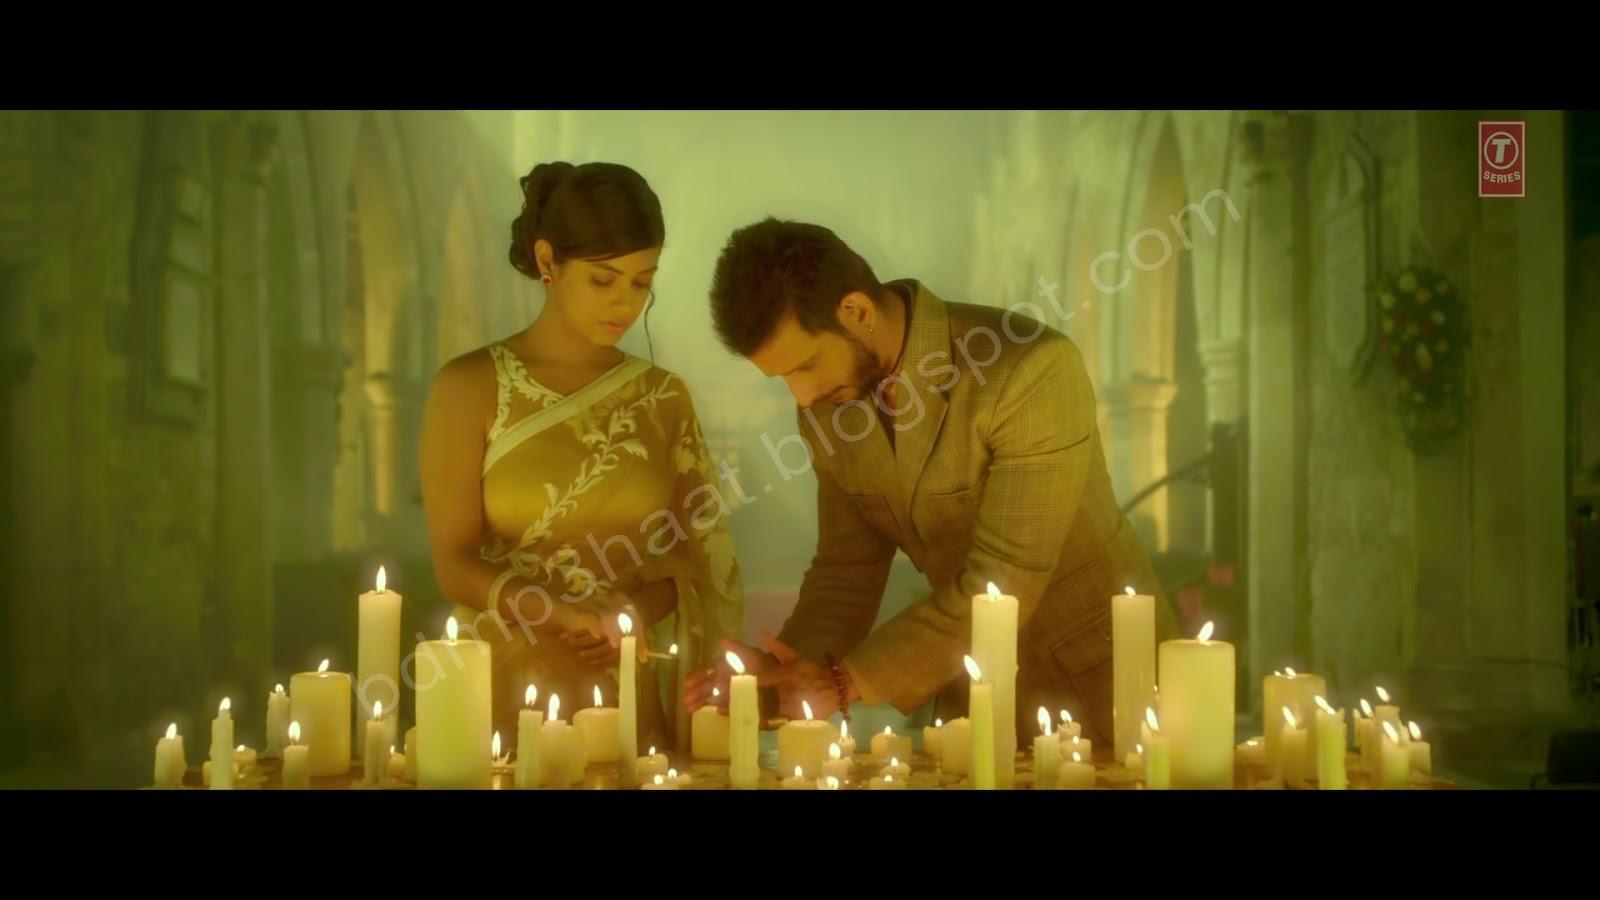 aaj ro len de - new hd video song - 1920 london - sharman joshi